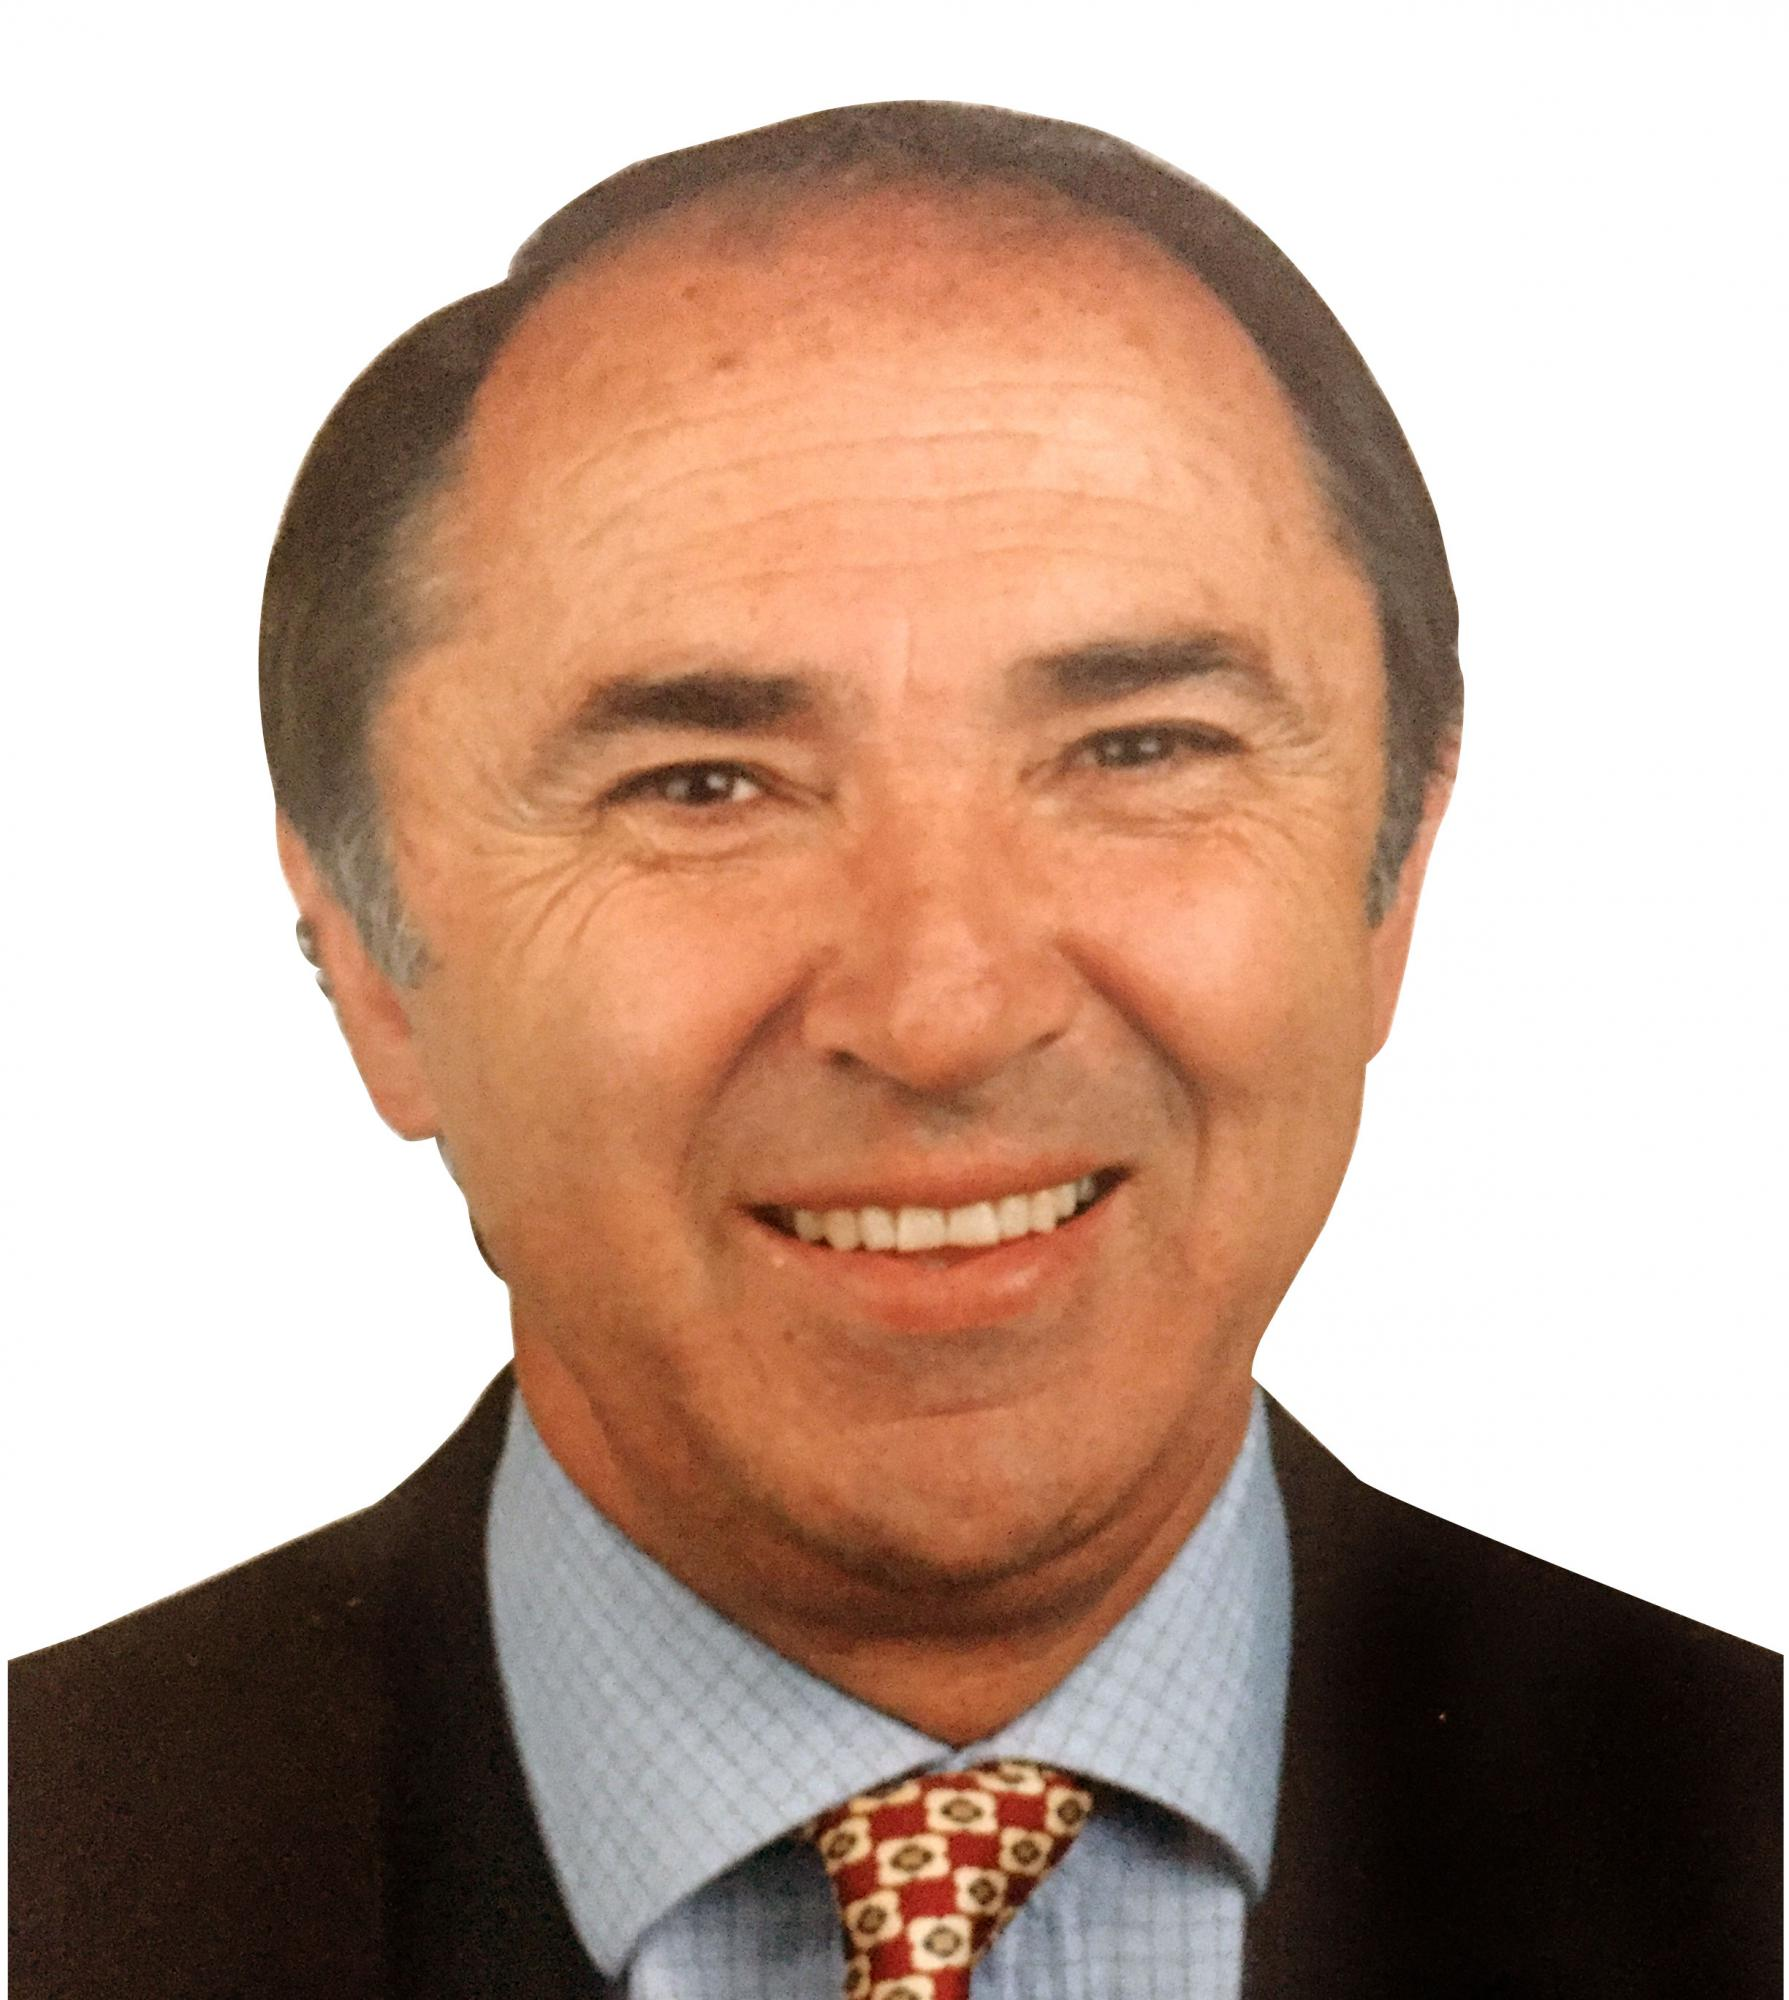 Pedro Toledano